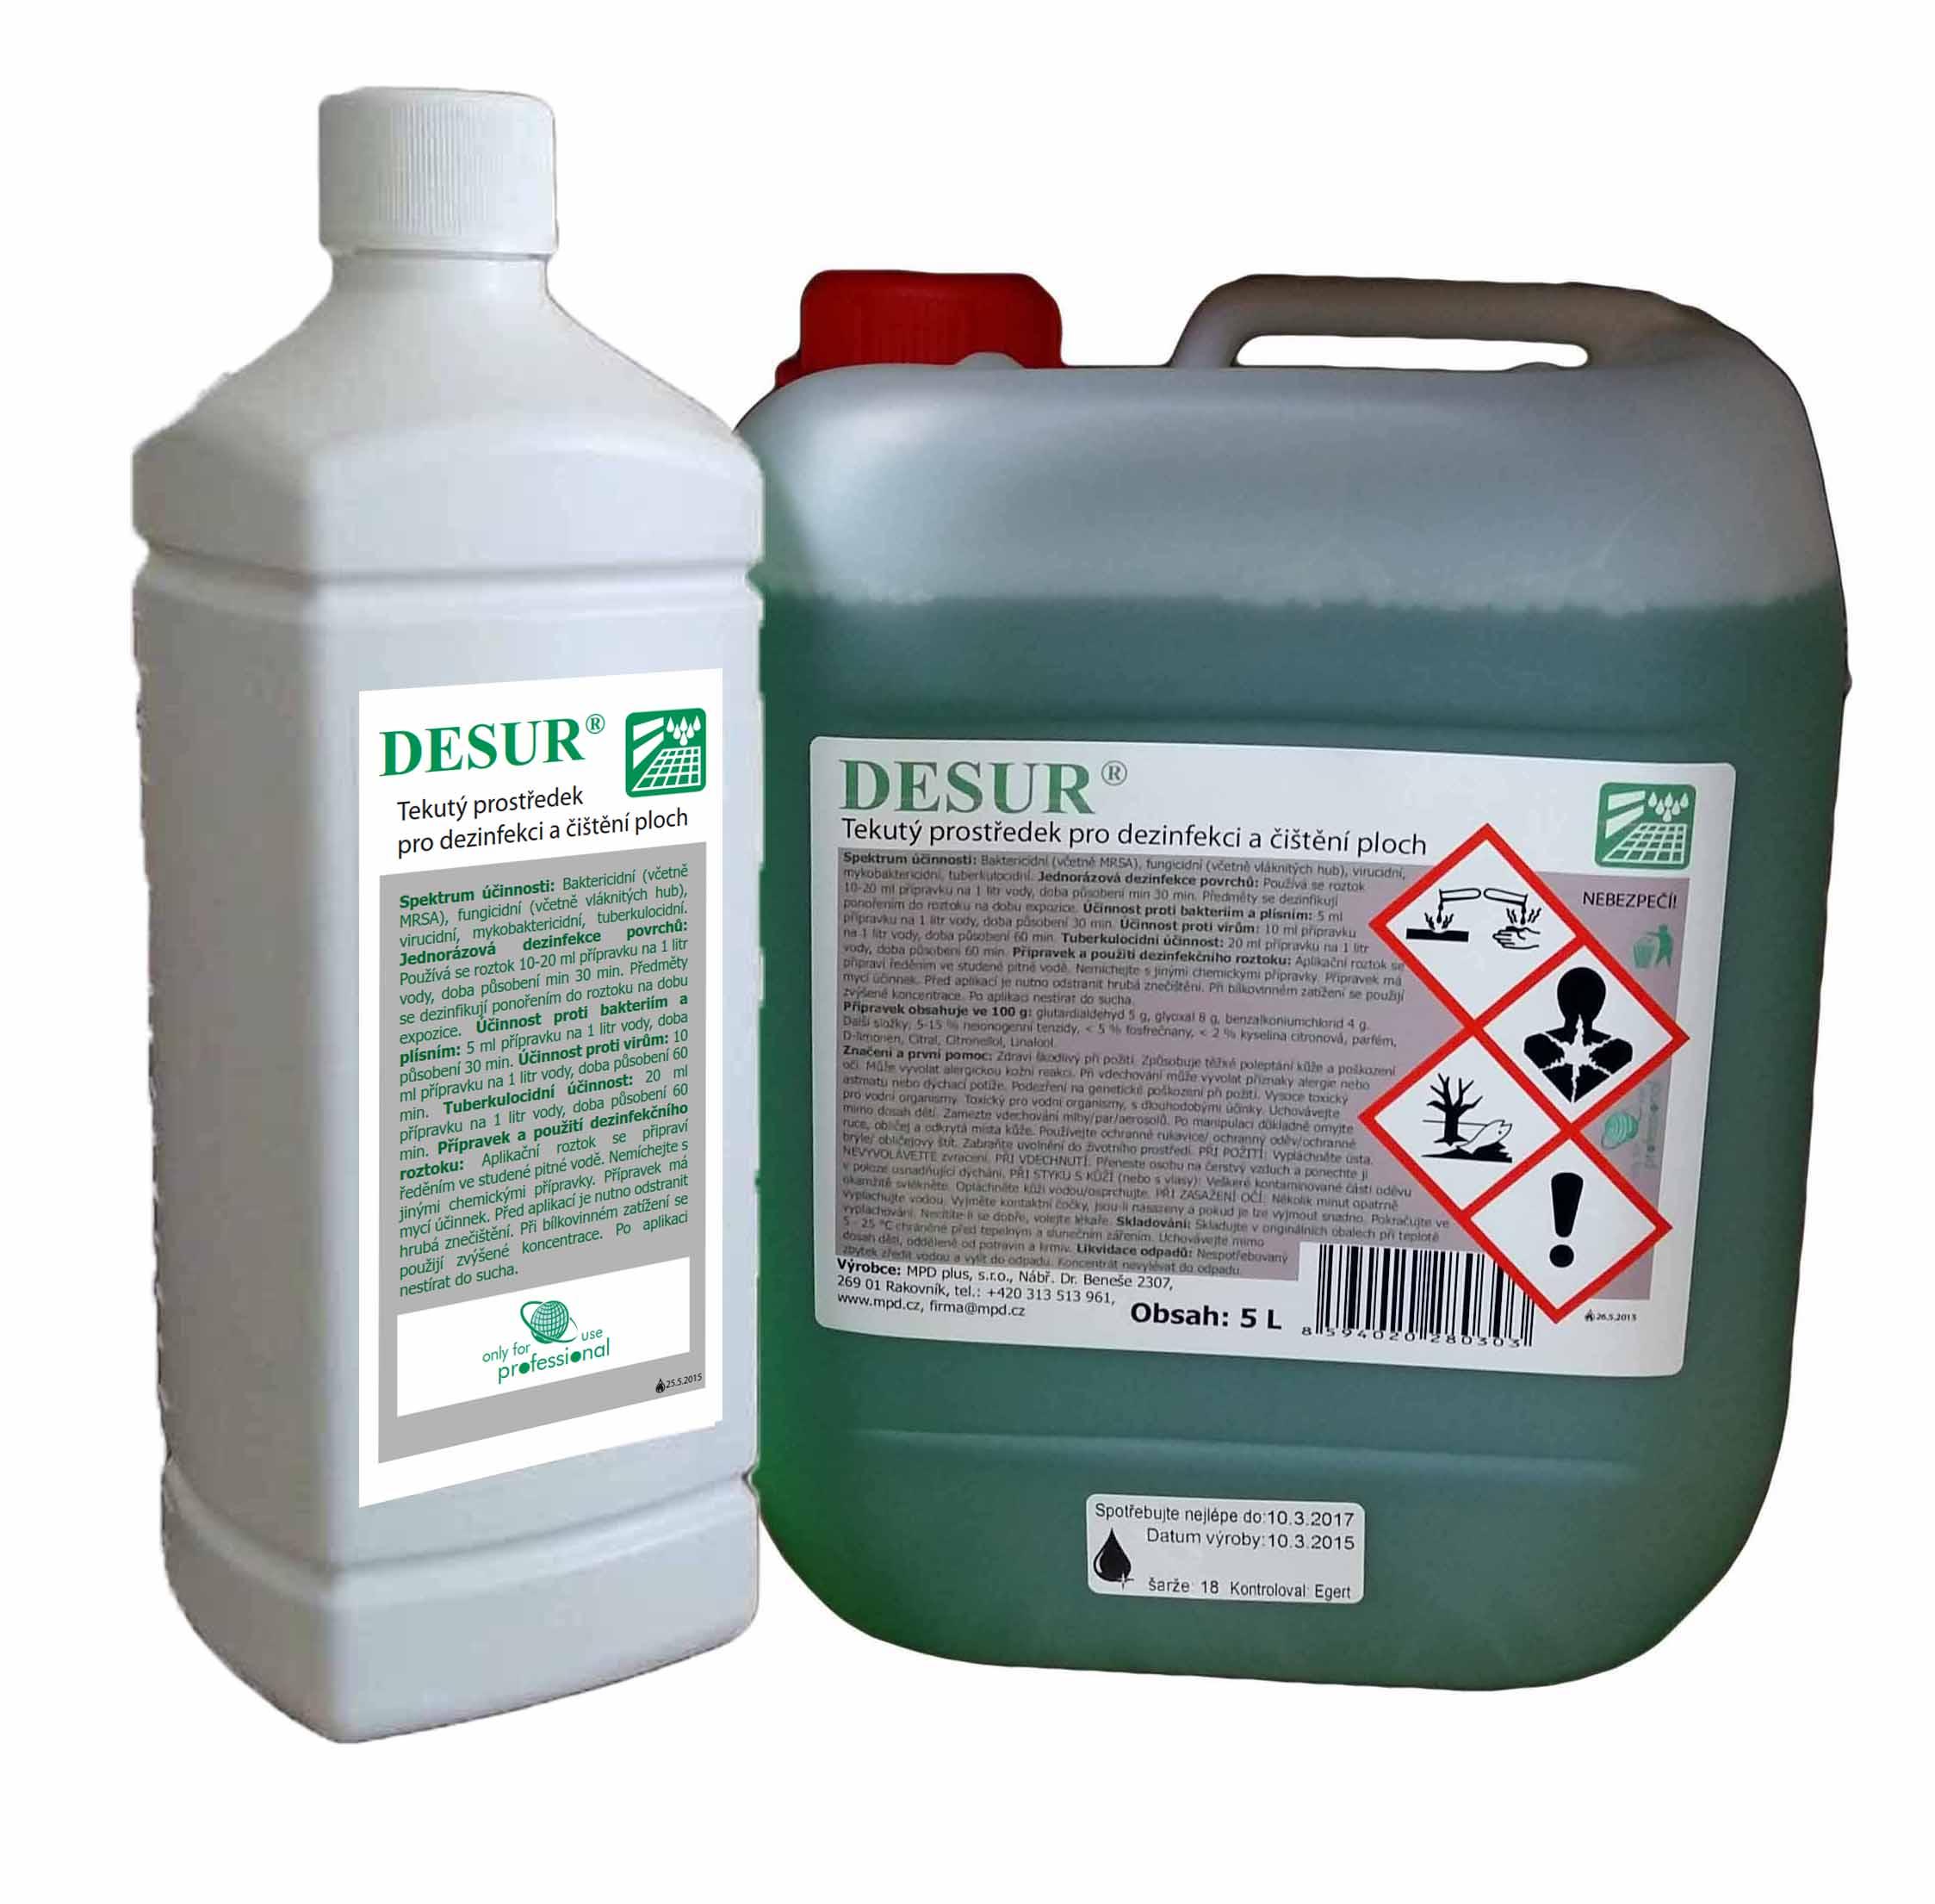 Desur 1l - čištění a dezinfekce ploch